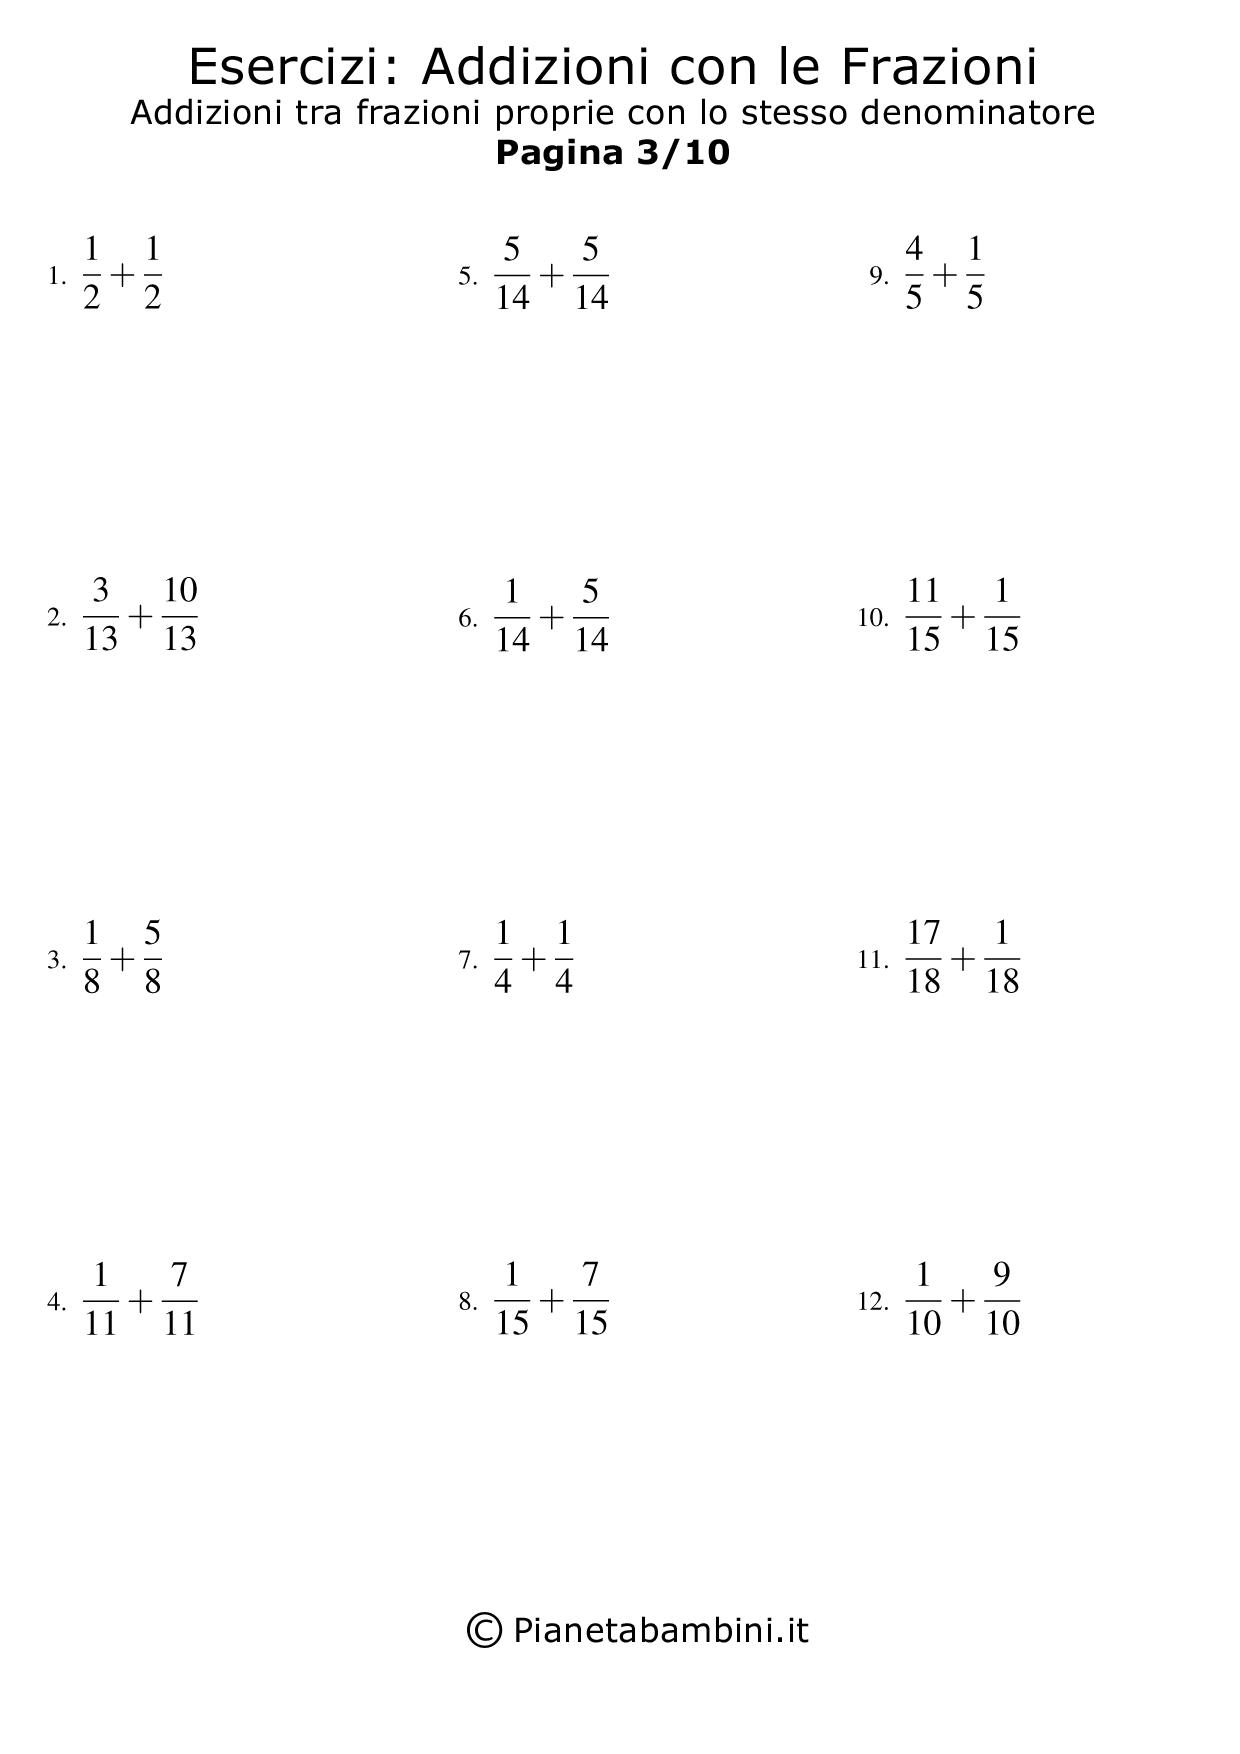 Addizioni-Frazioni-Stesso-Denominatore_03